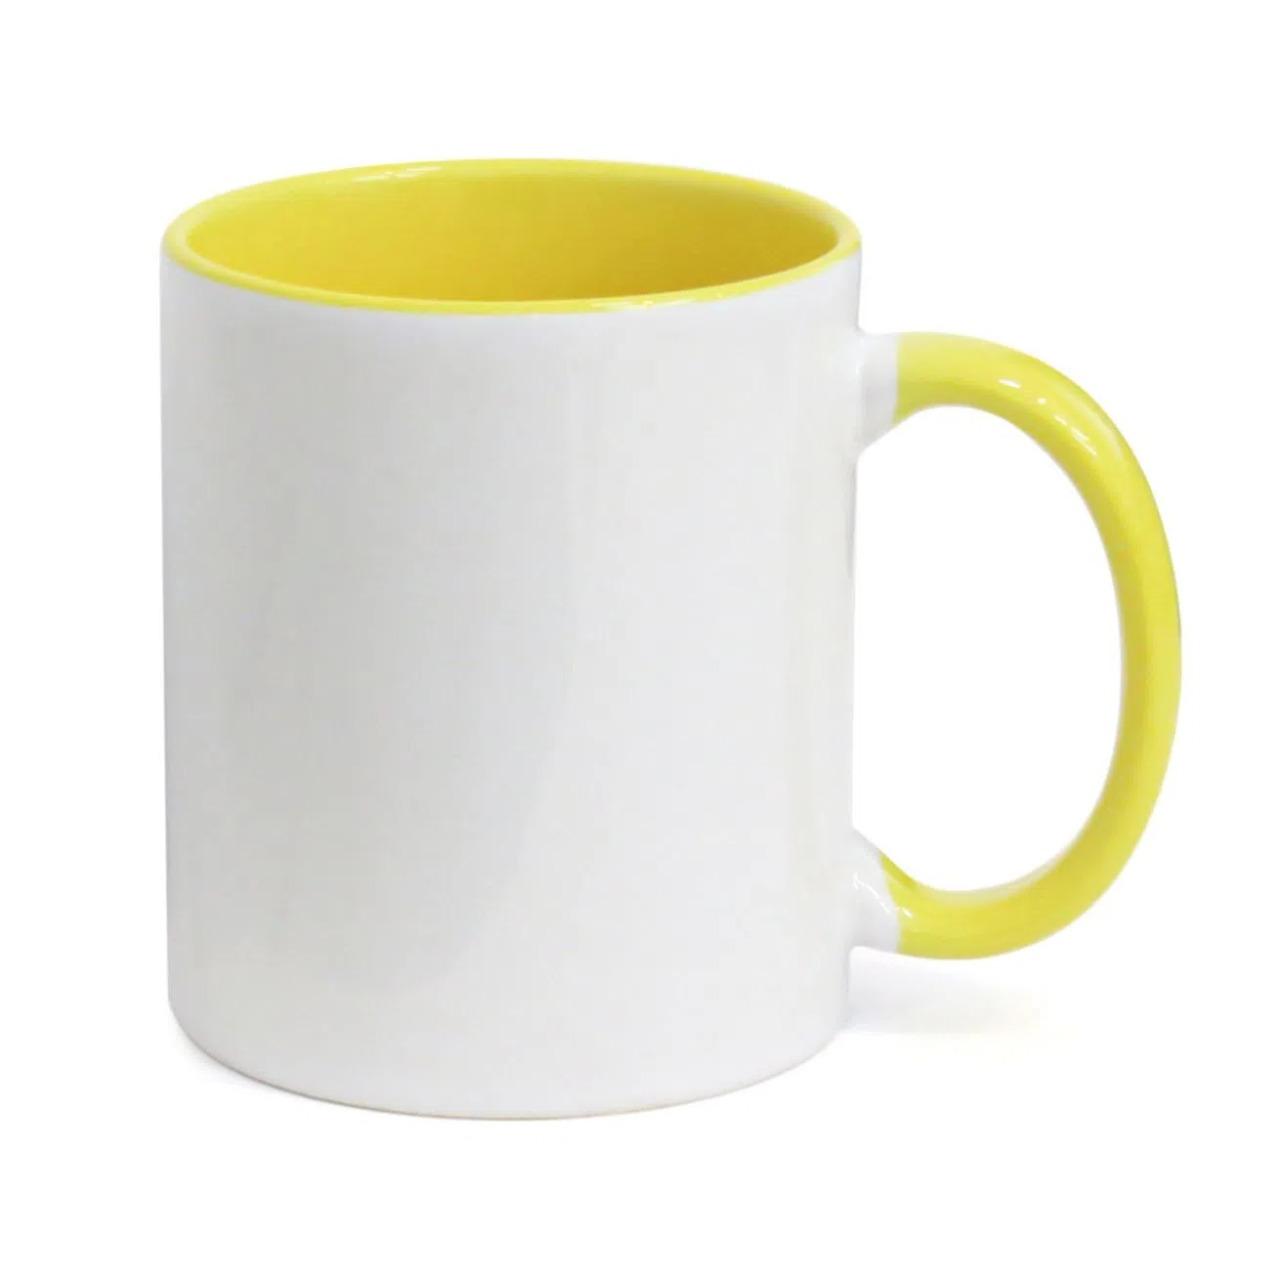 10 Canecas com Interior E Alça Amarela Colorida Porcelana Sublimação 325ml